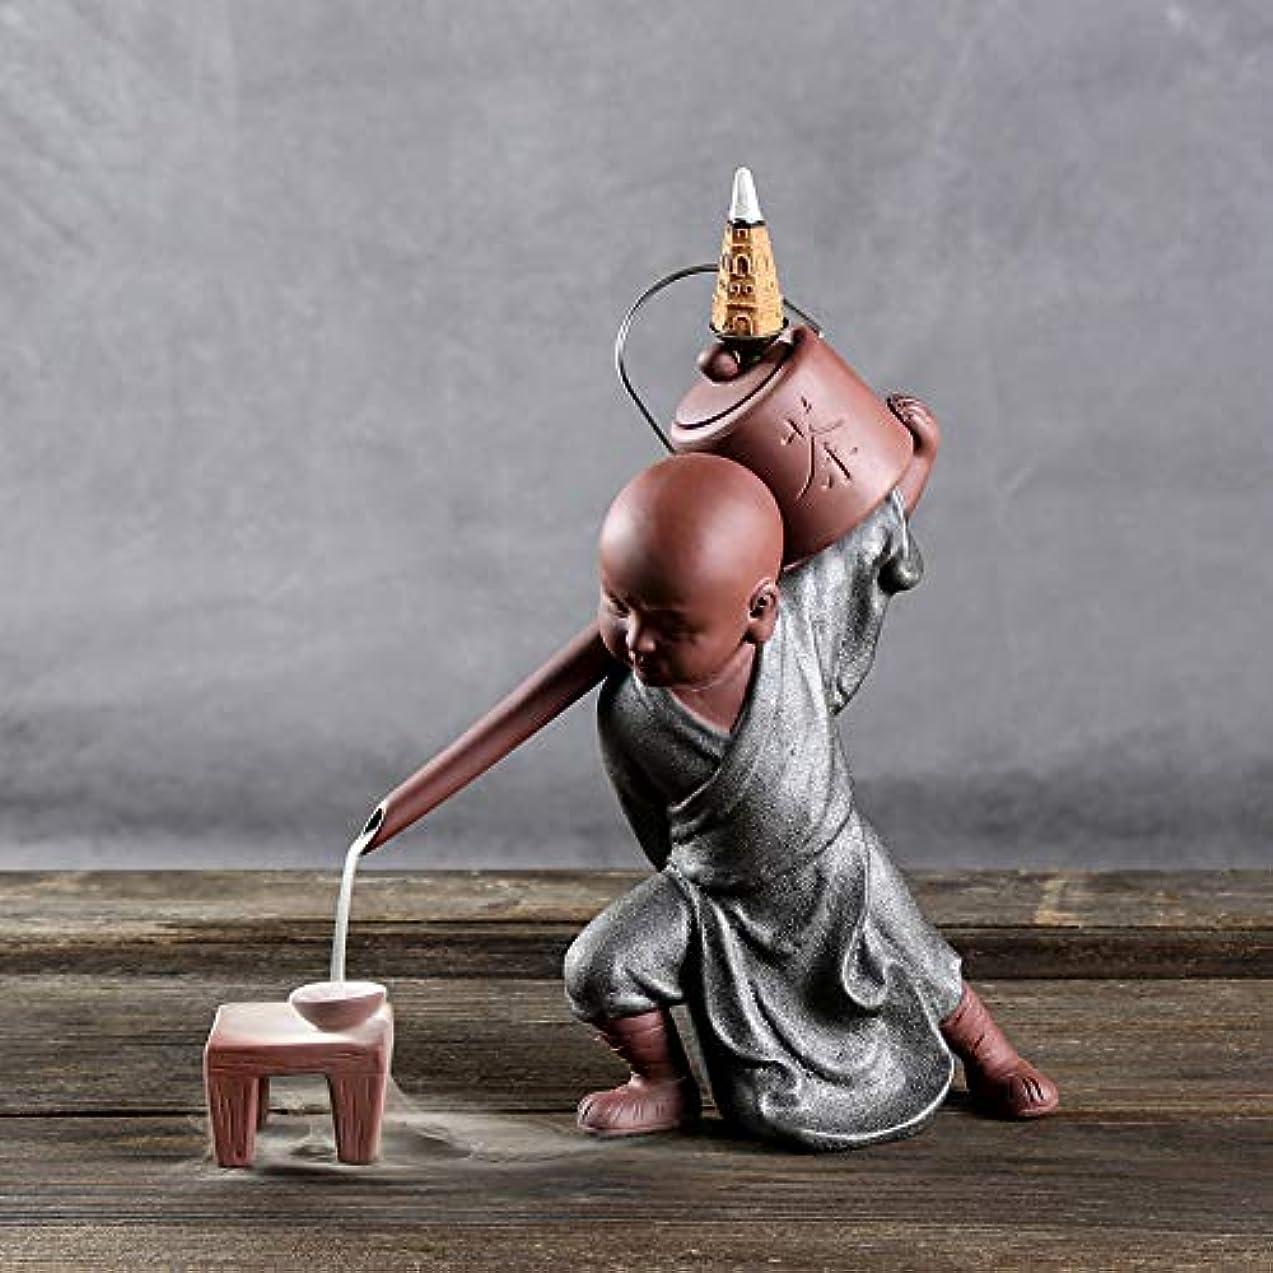 霧道徳教育同情PHILOGOD 陶器香炉 セラミックスポッター逆流香炉 僧侶は水を注ぐモデリング仏壇用香炉 お香 ホルダー (style2)